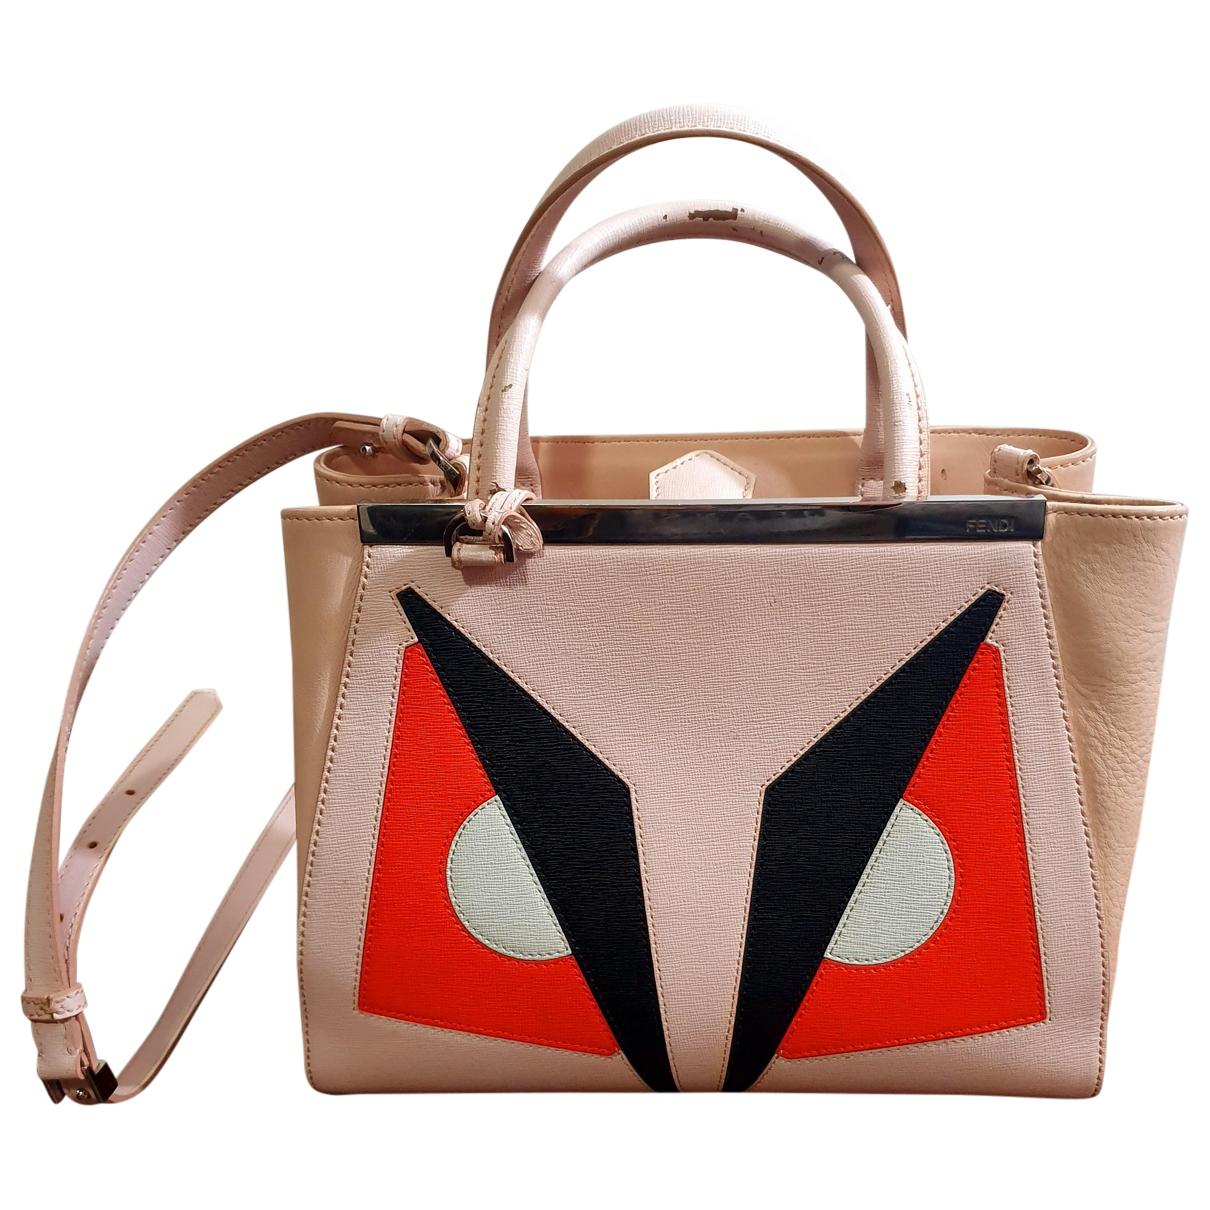 Fendi 2Jours Pink Leather handbag for Women \N